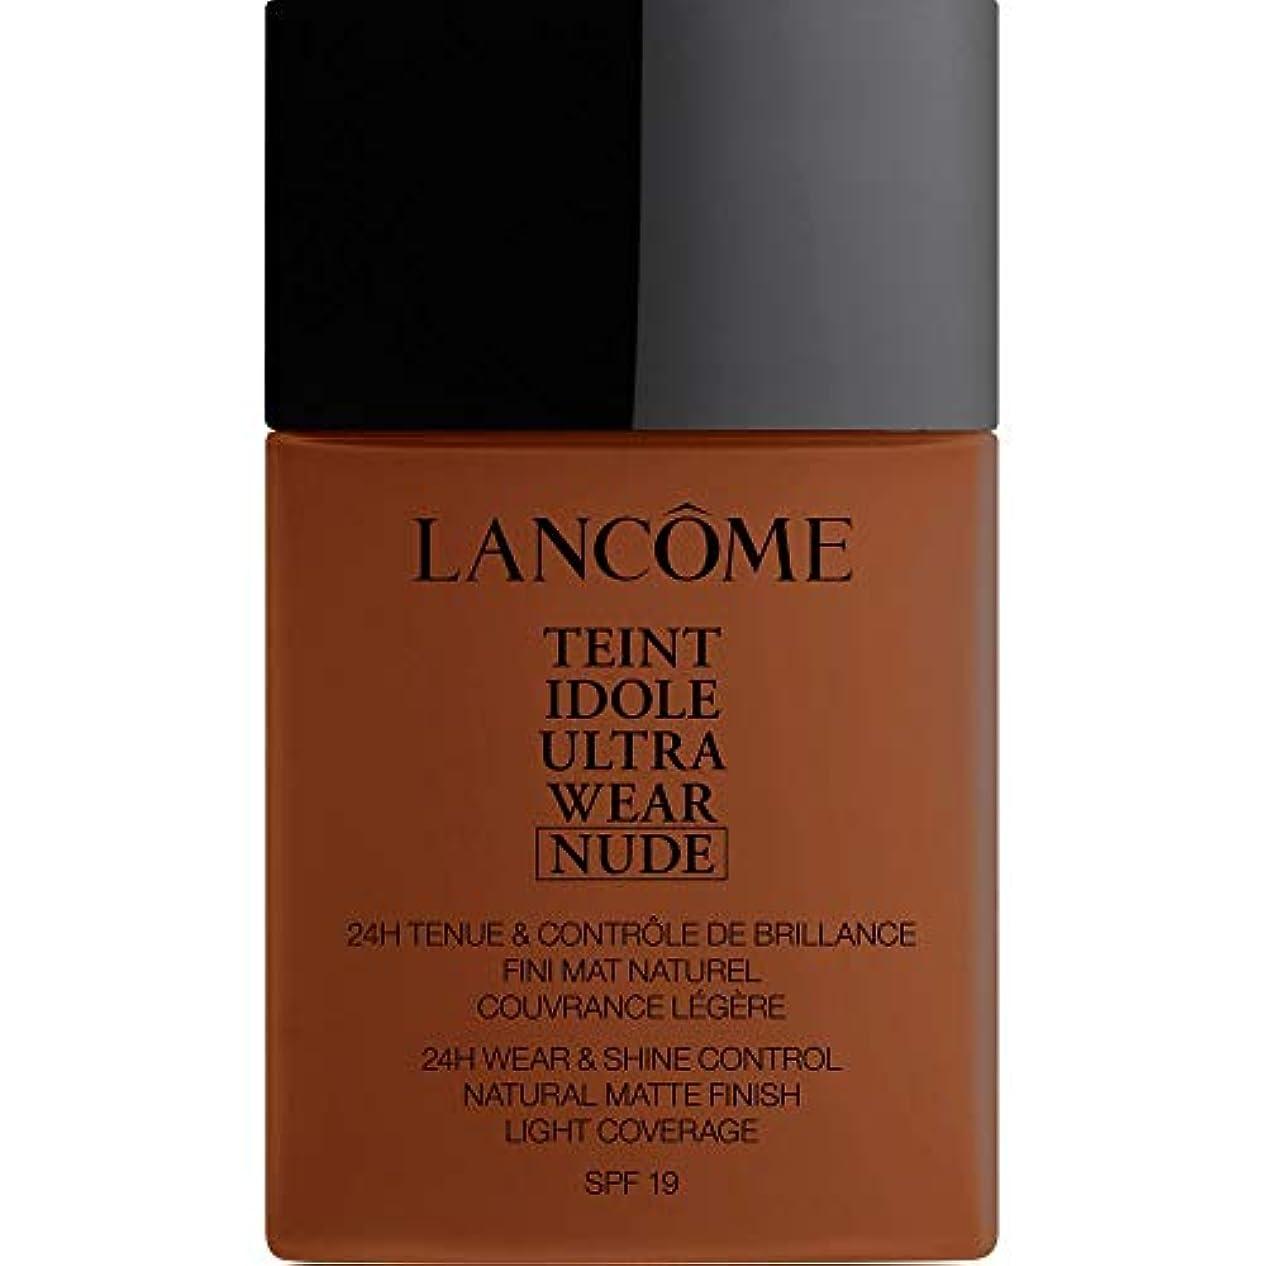 不調和ビュッフェリスナー[Lanc?me ] ランコムTeintのIdole超摩耗ヌード財団Spf19の40ミリリットル13.3 - サンタル - Lancome Teint Idole Ultra Wear Nude Foundation SPF19...